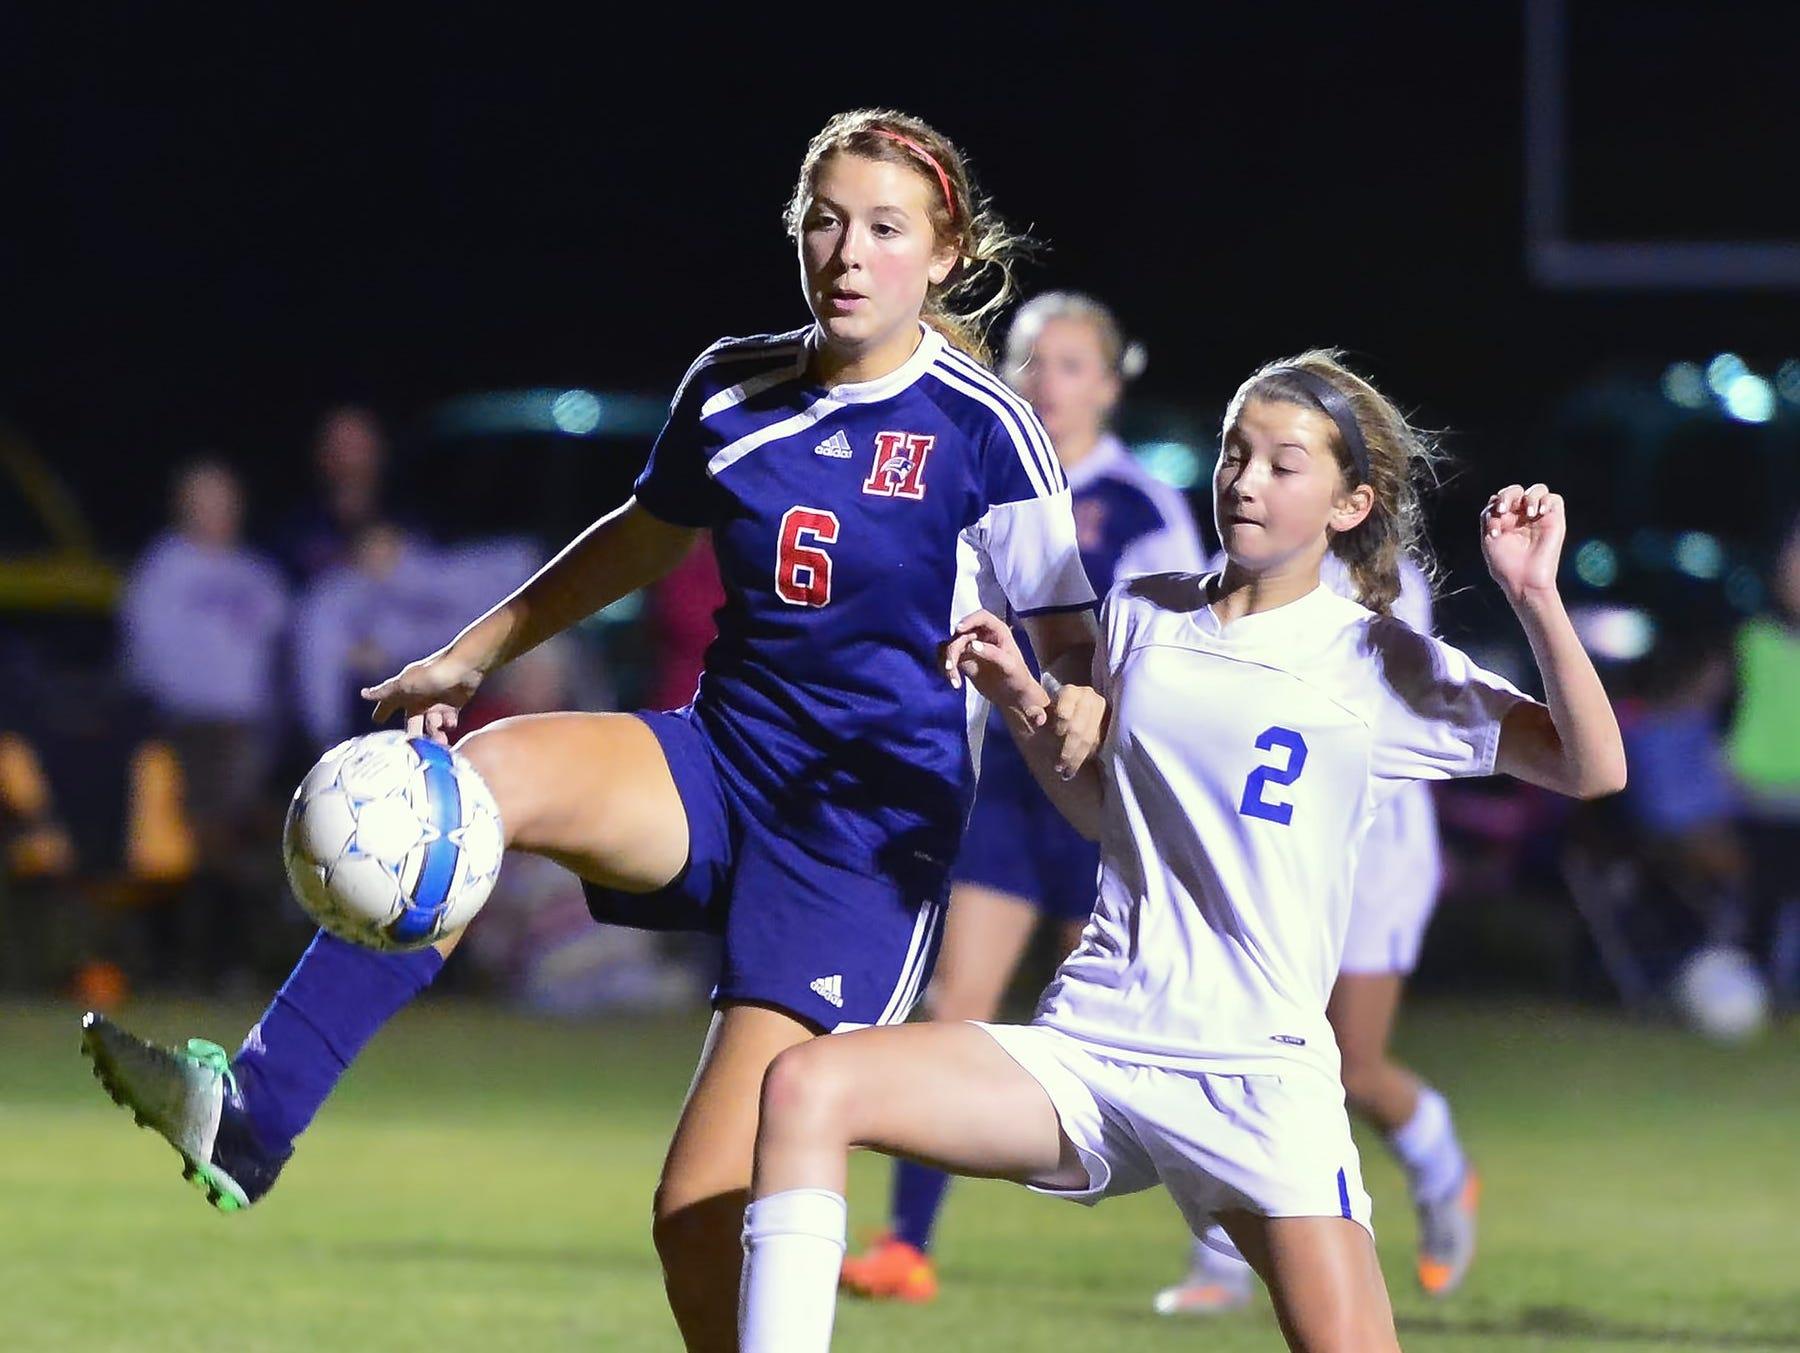 White House High freshman midfielder Shelby Deering (2) battles for possession with White House Heritage junior Sky Baker.